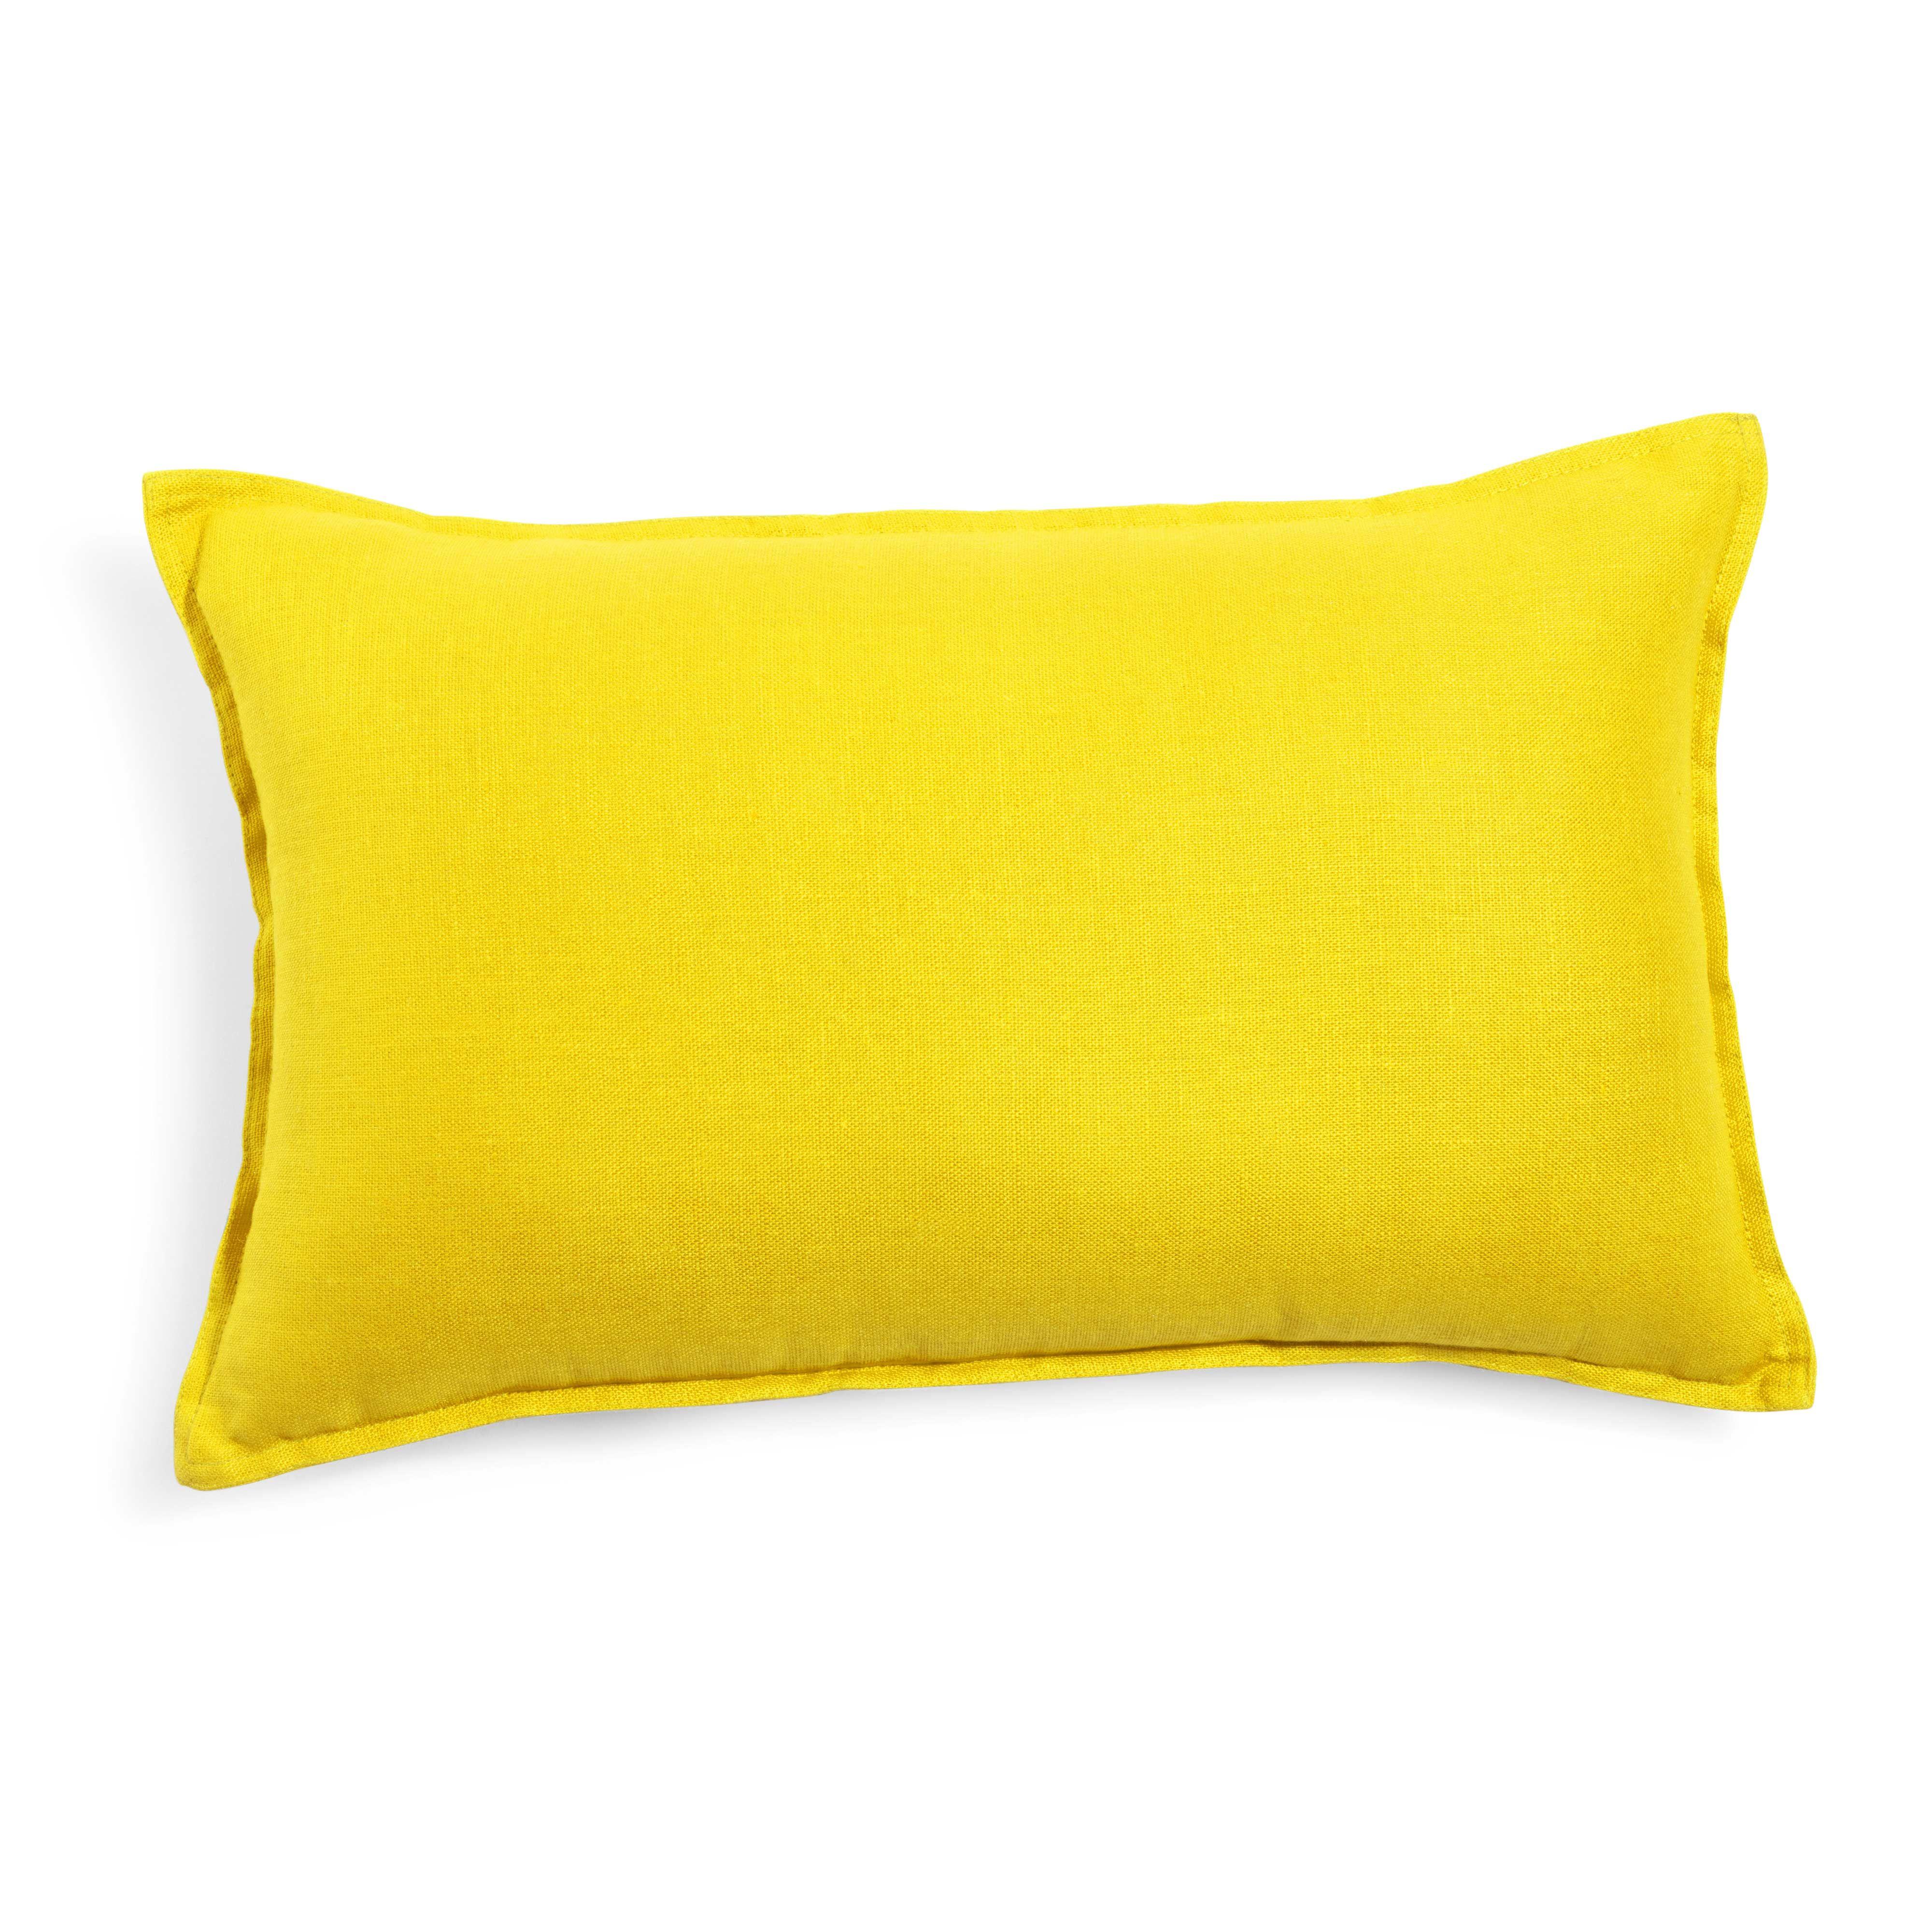 stunning coussin en lin lav jaune x cm maisons du monde with double rideaux maison du monde. Black Bedroom Furniture Sets. Home Design Ideas